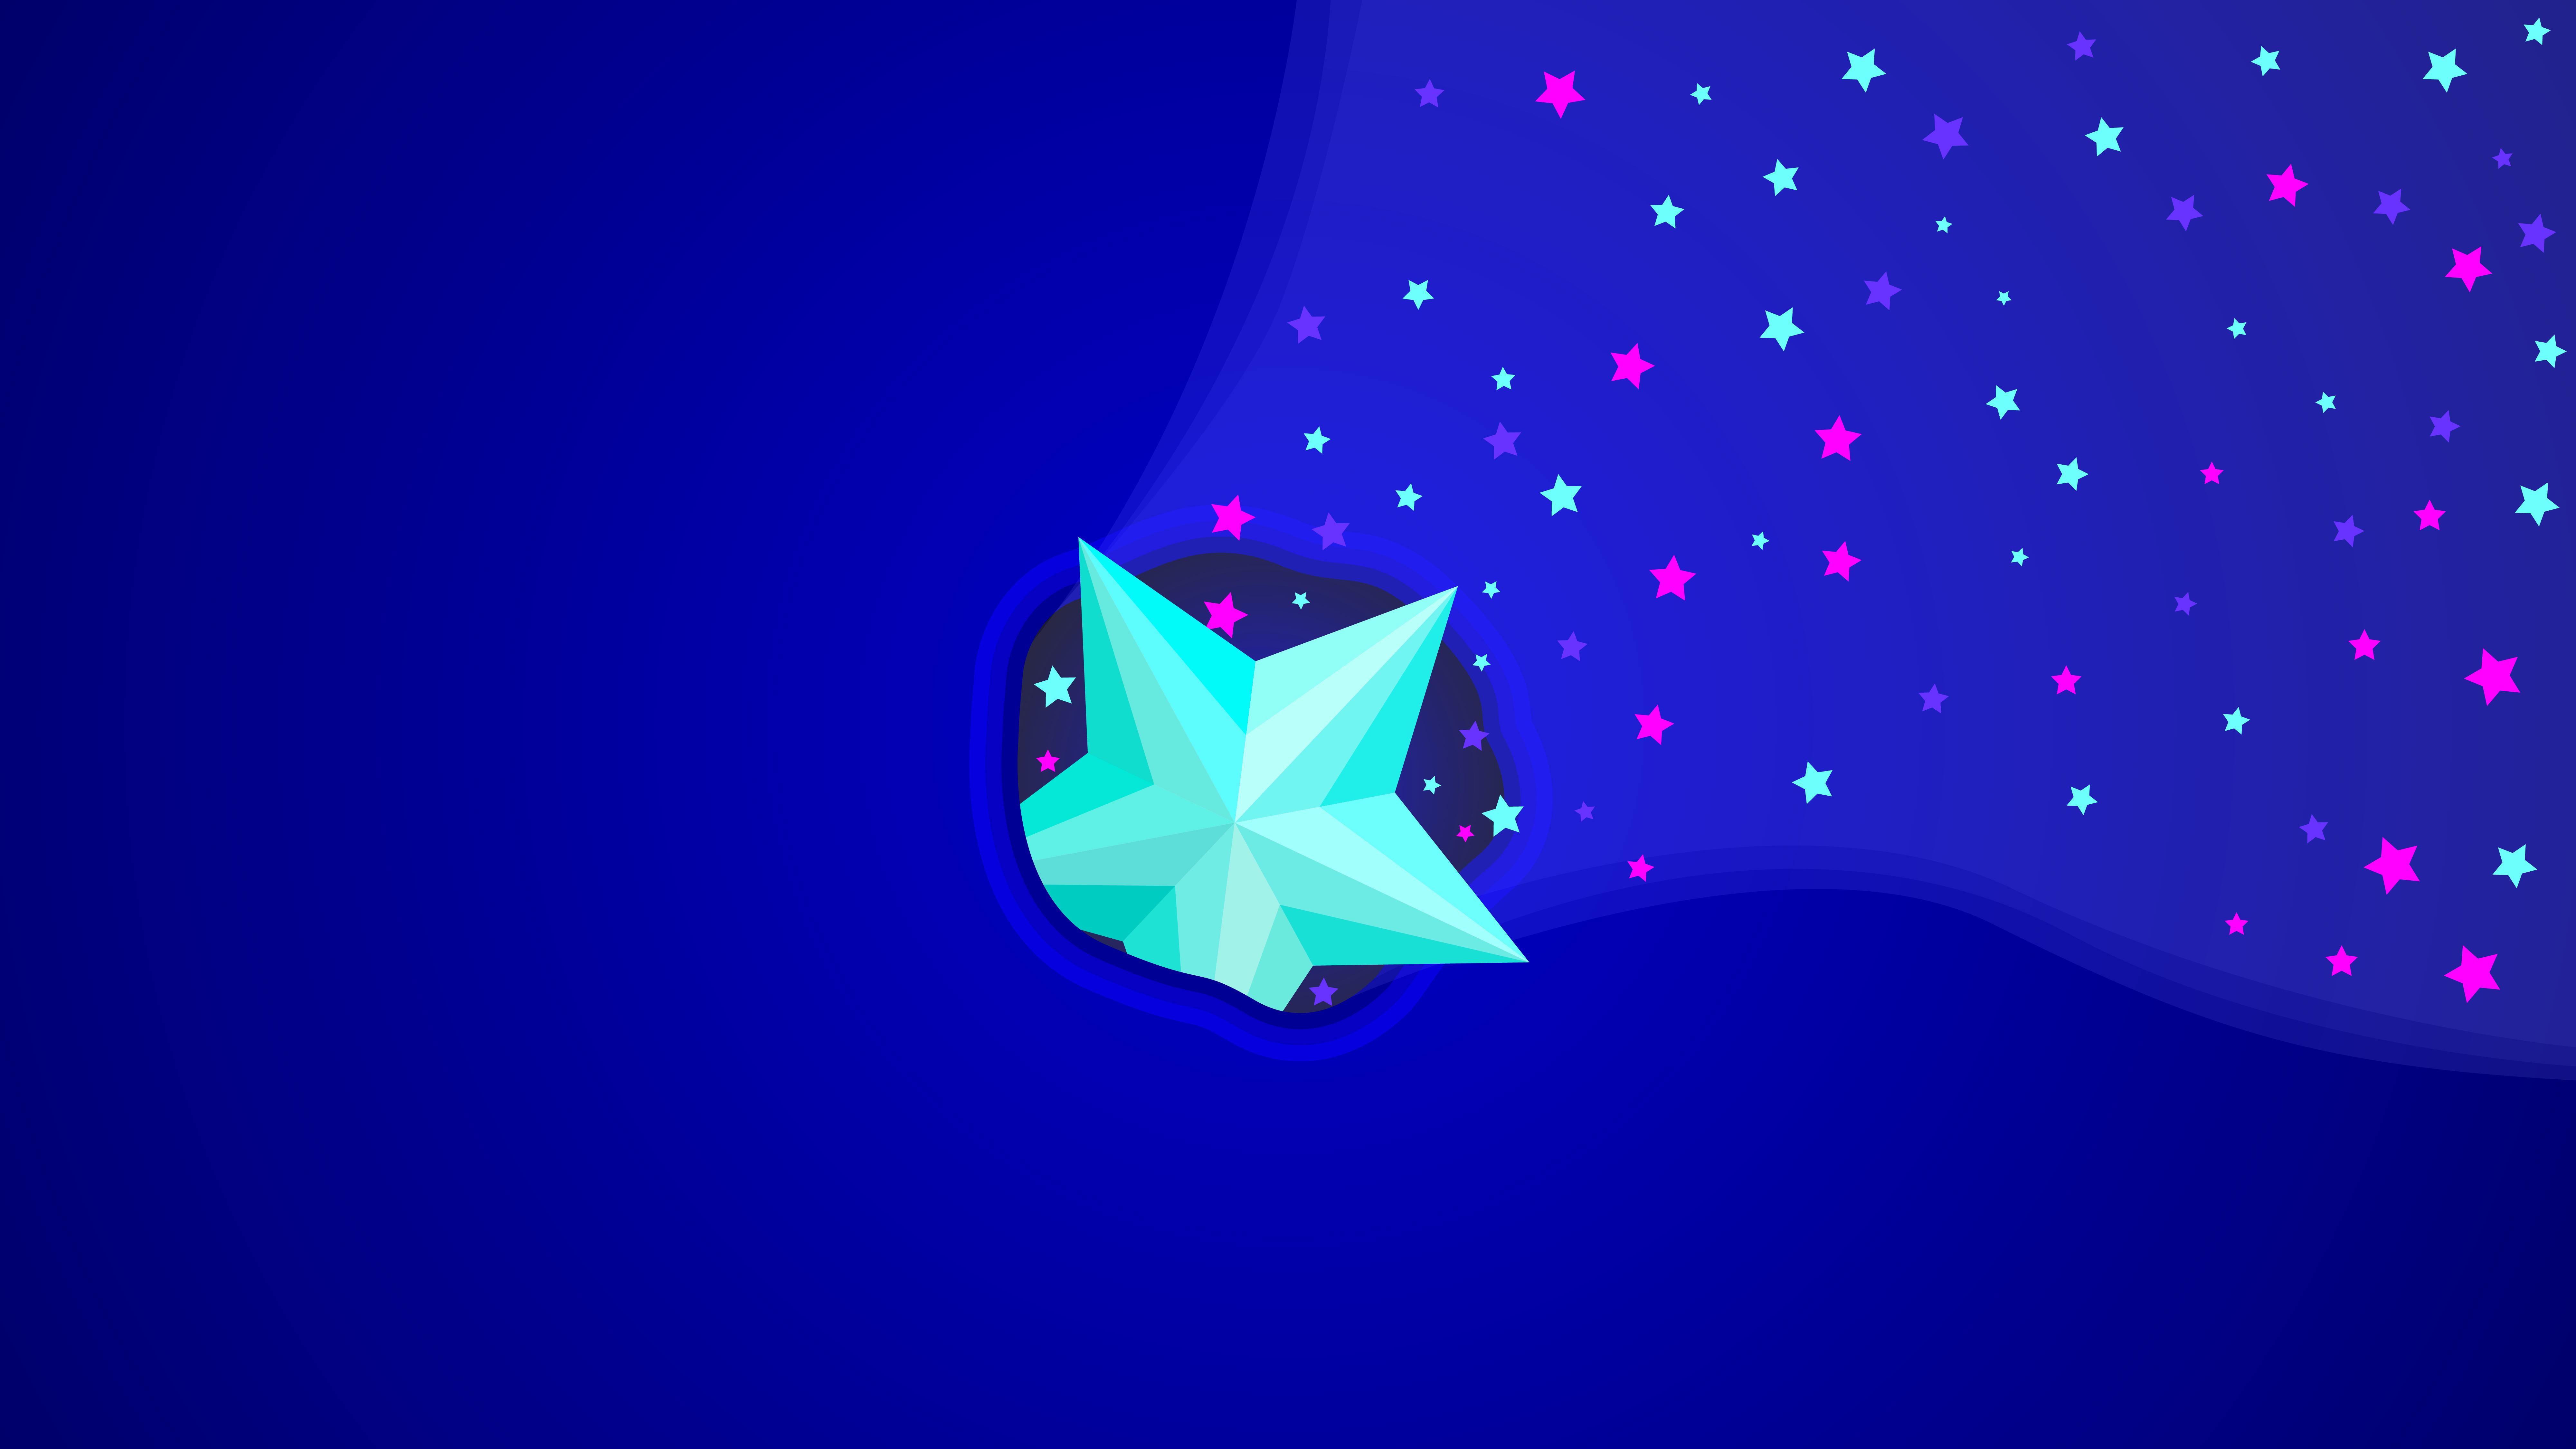 Stars 8000x4500